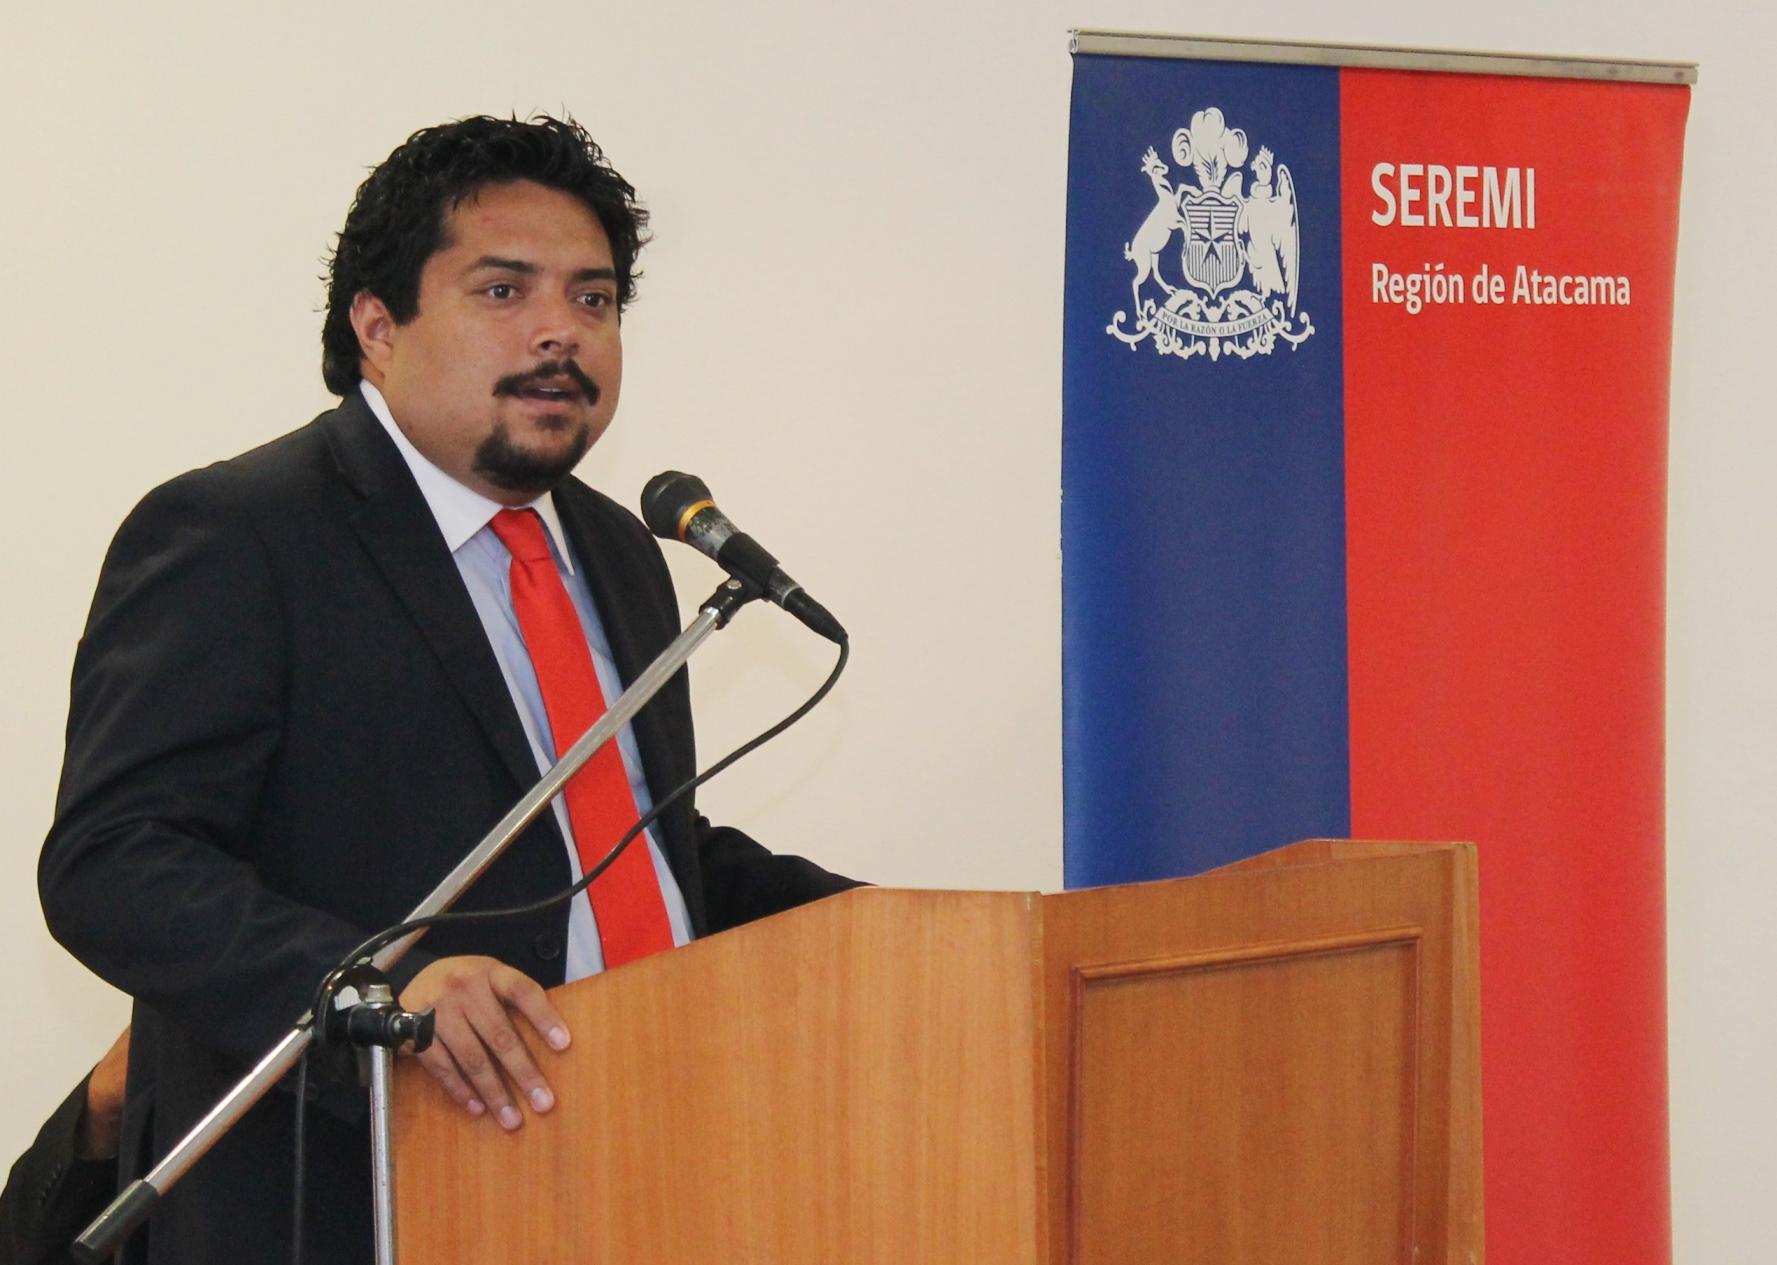 """Seremi de Gobierno: """"En el 2017 aumentarán los beneficios para las familias de Atacama"""""""